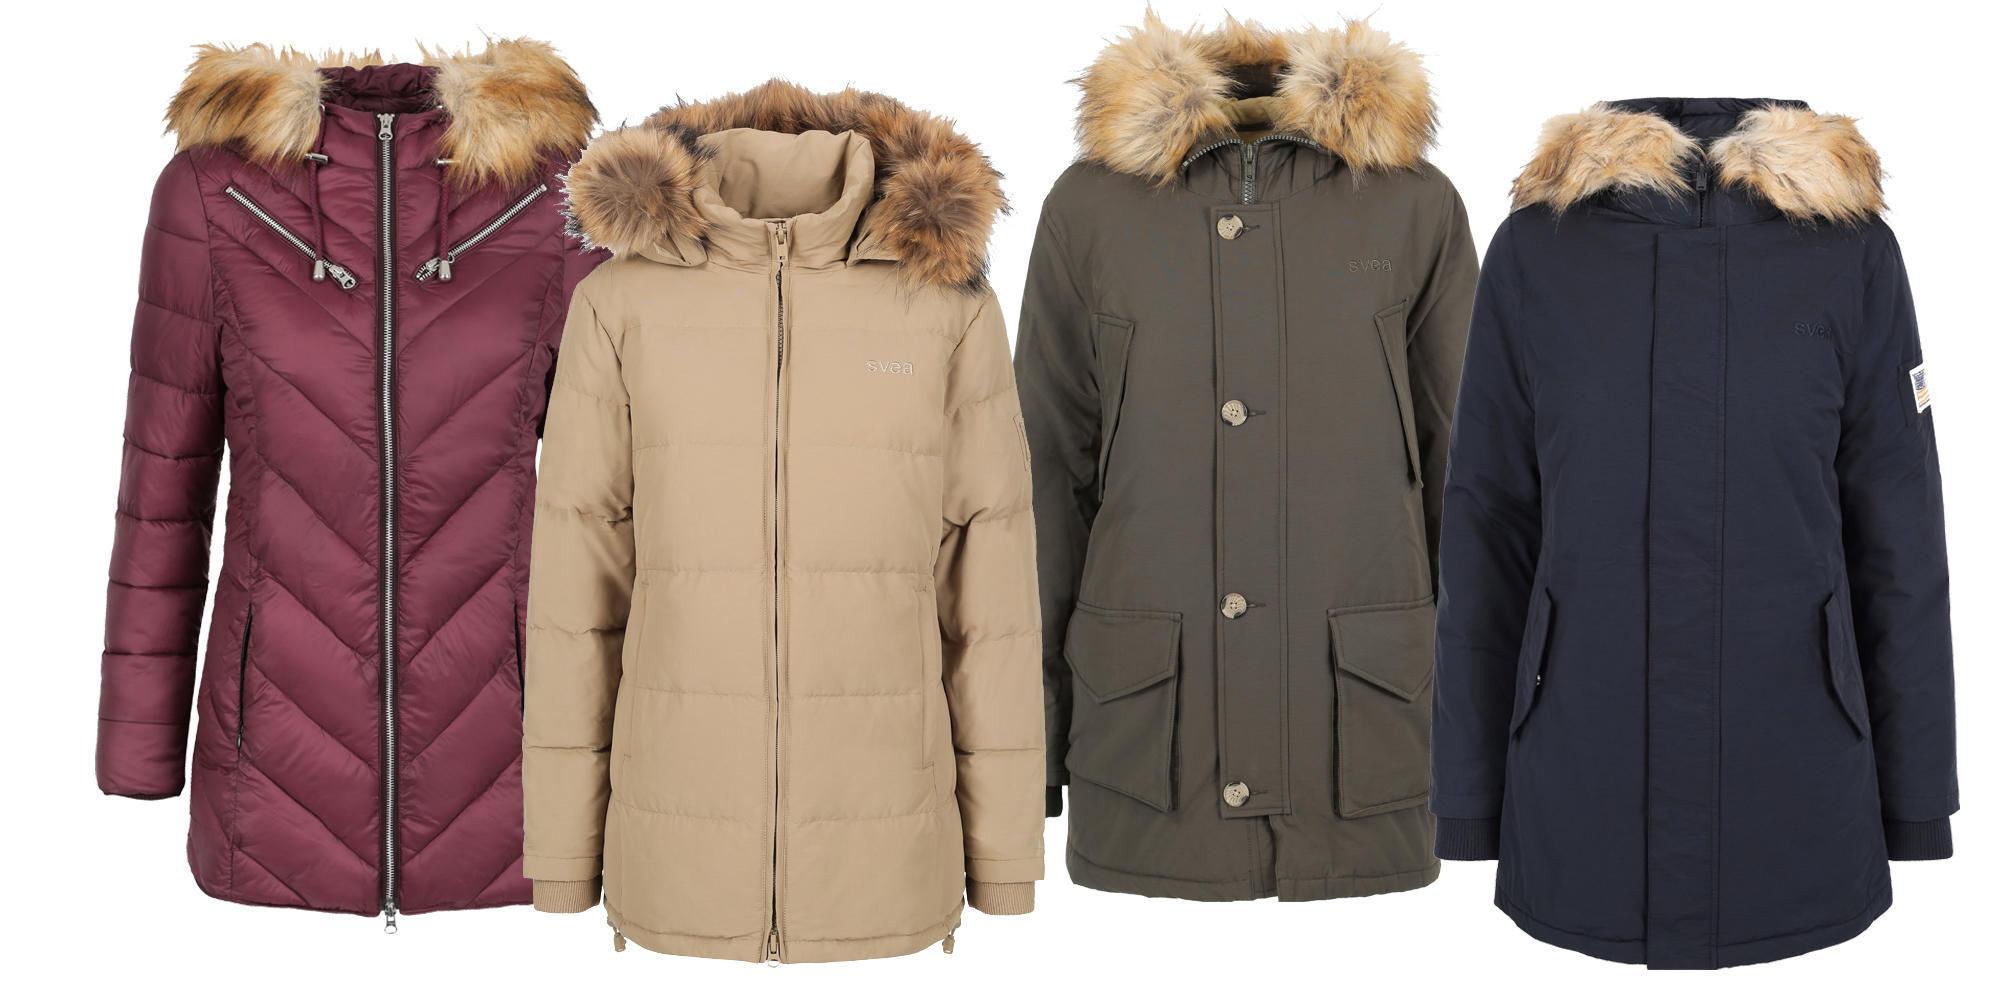 a789a621 Er det en jakke til å bruke fra og til jobb, eller skal du tilbringe mange  timer ute i kulden, forteller Oline Farankenius, SoMe- ansvarlig for Svea.